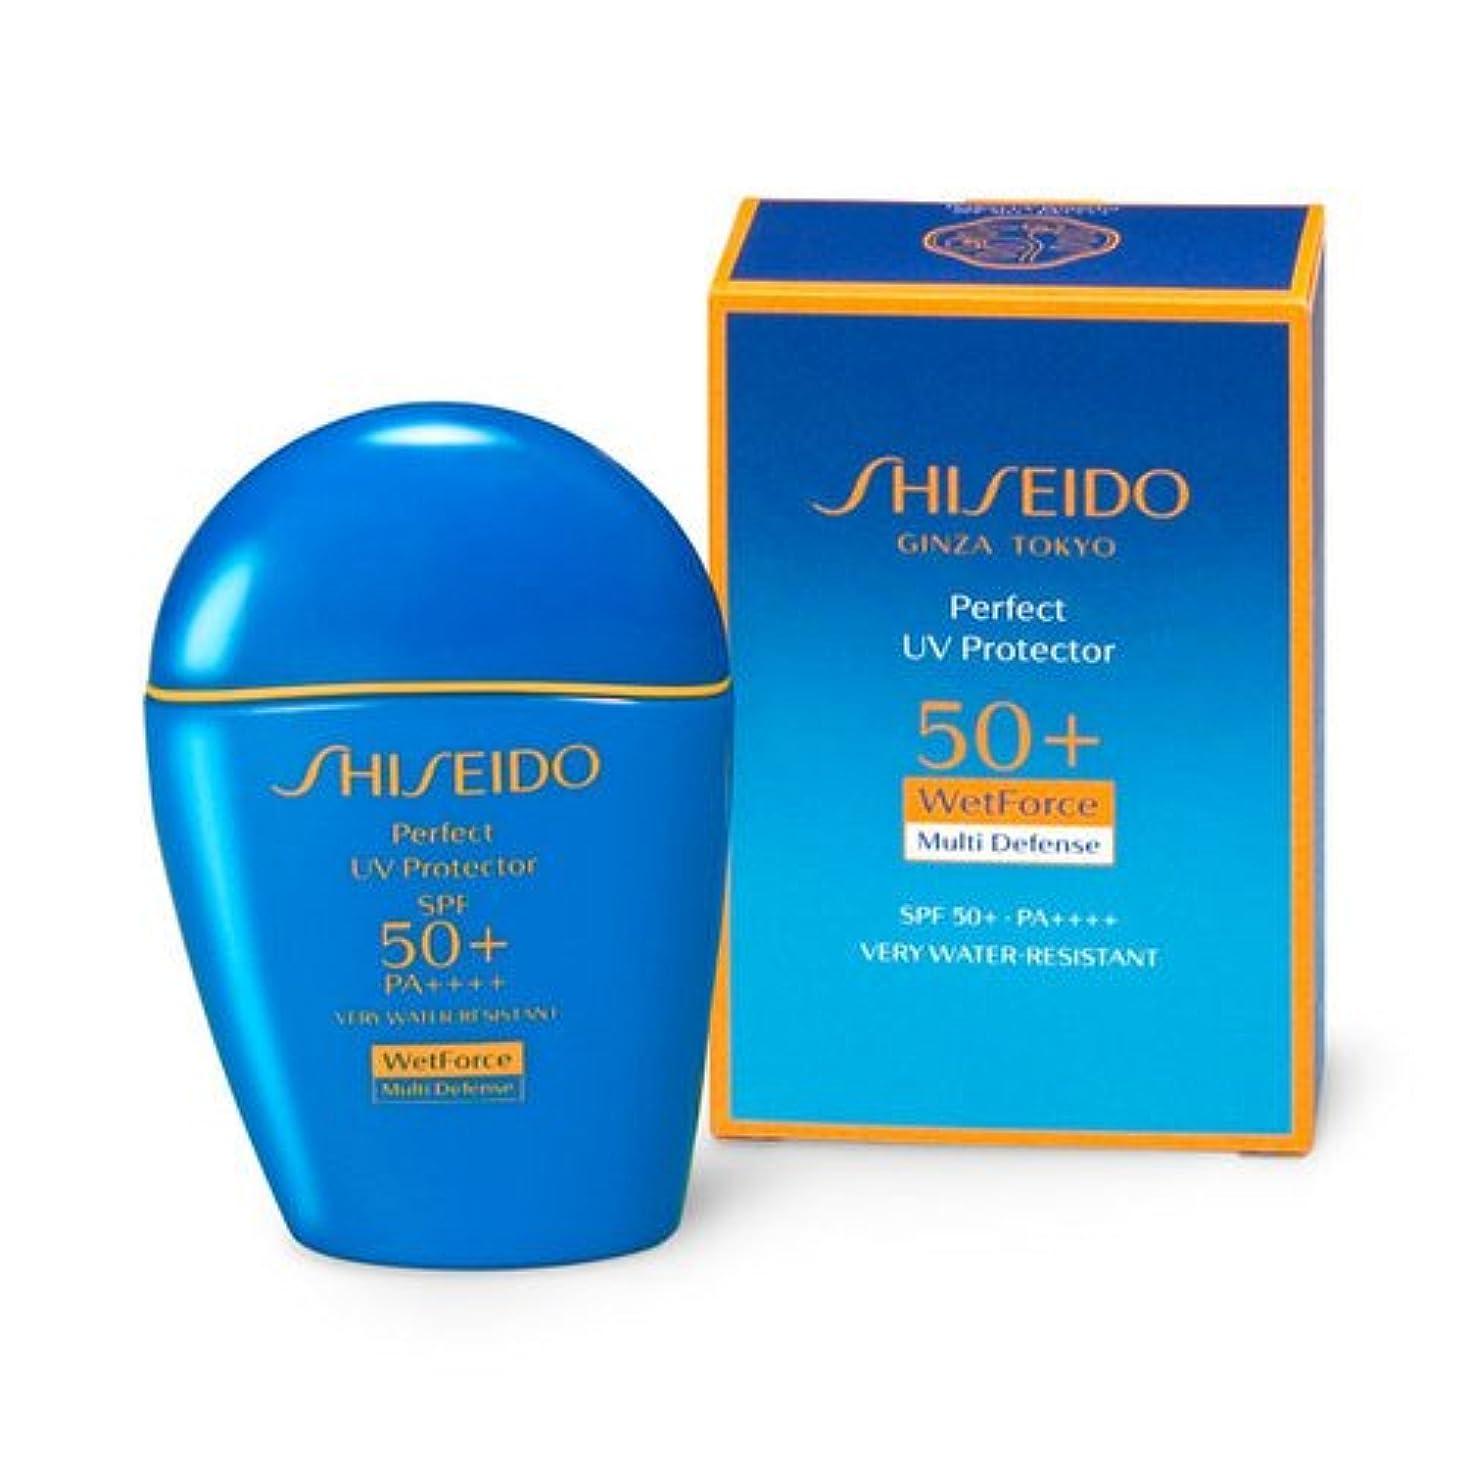 ご意見ストラトフォードオンエイボンめるSHISEIDO Suncare(資生堂 サンケア) SHISEIDO(資生堂) パーフェクト UVプロテクター 50mL